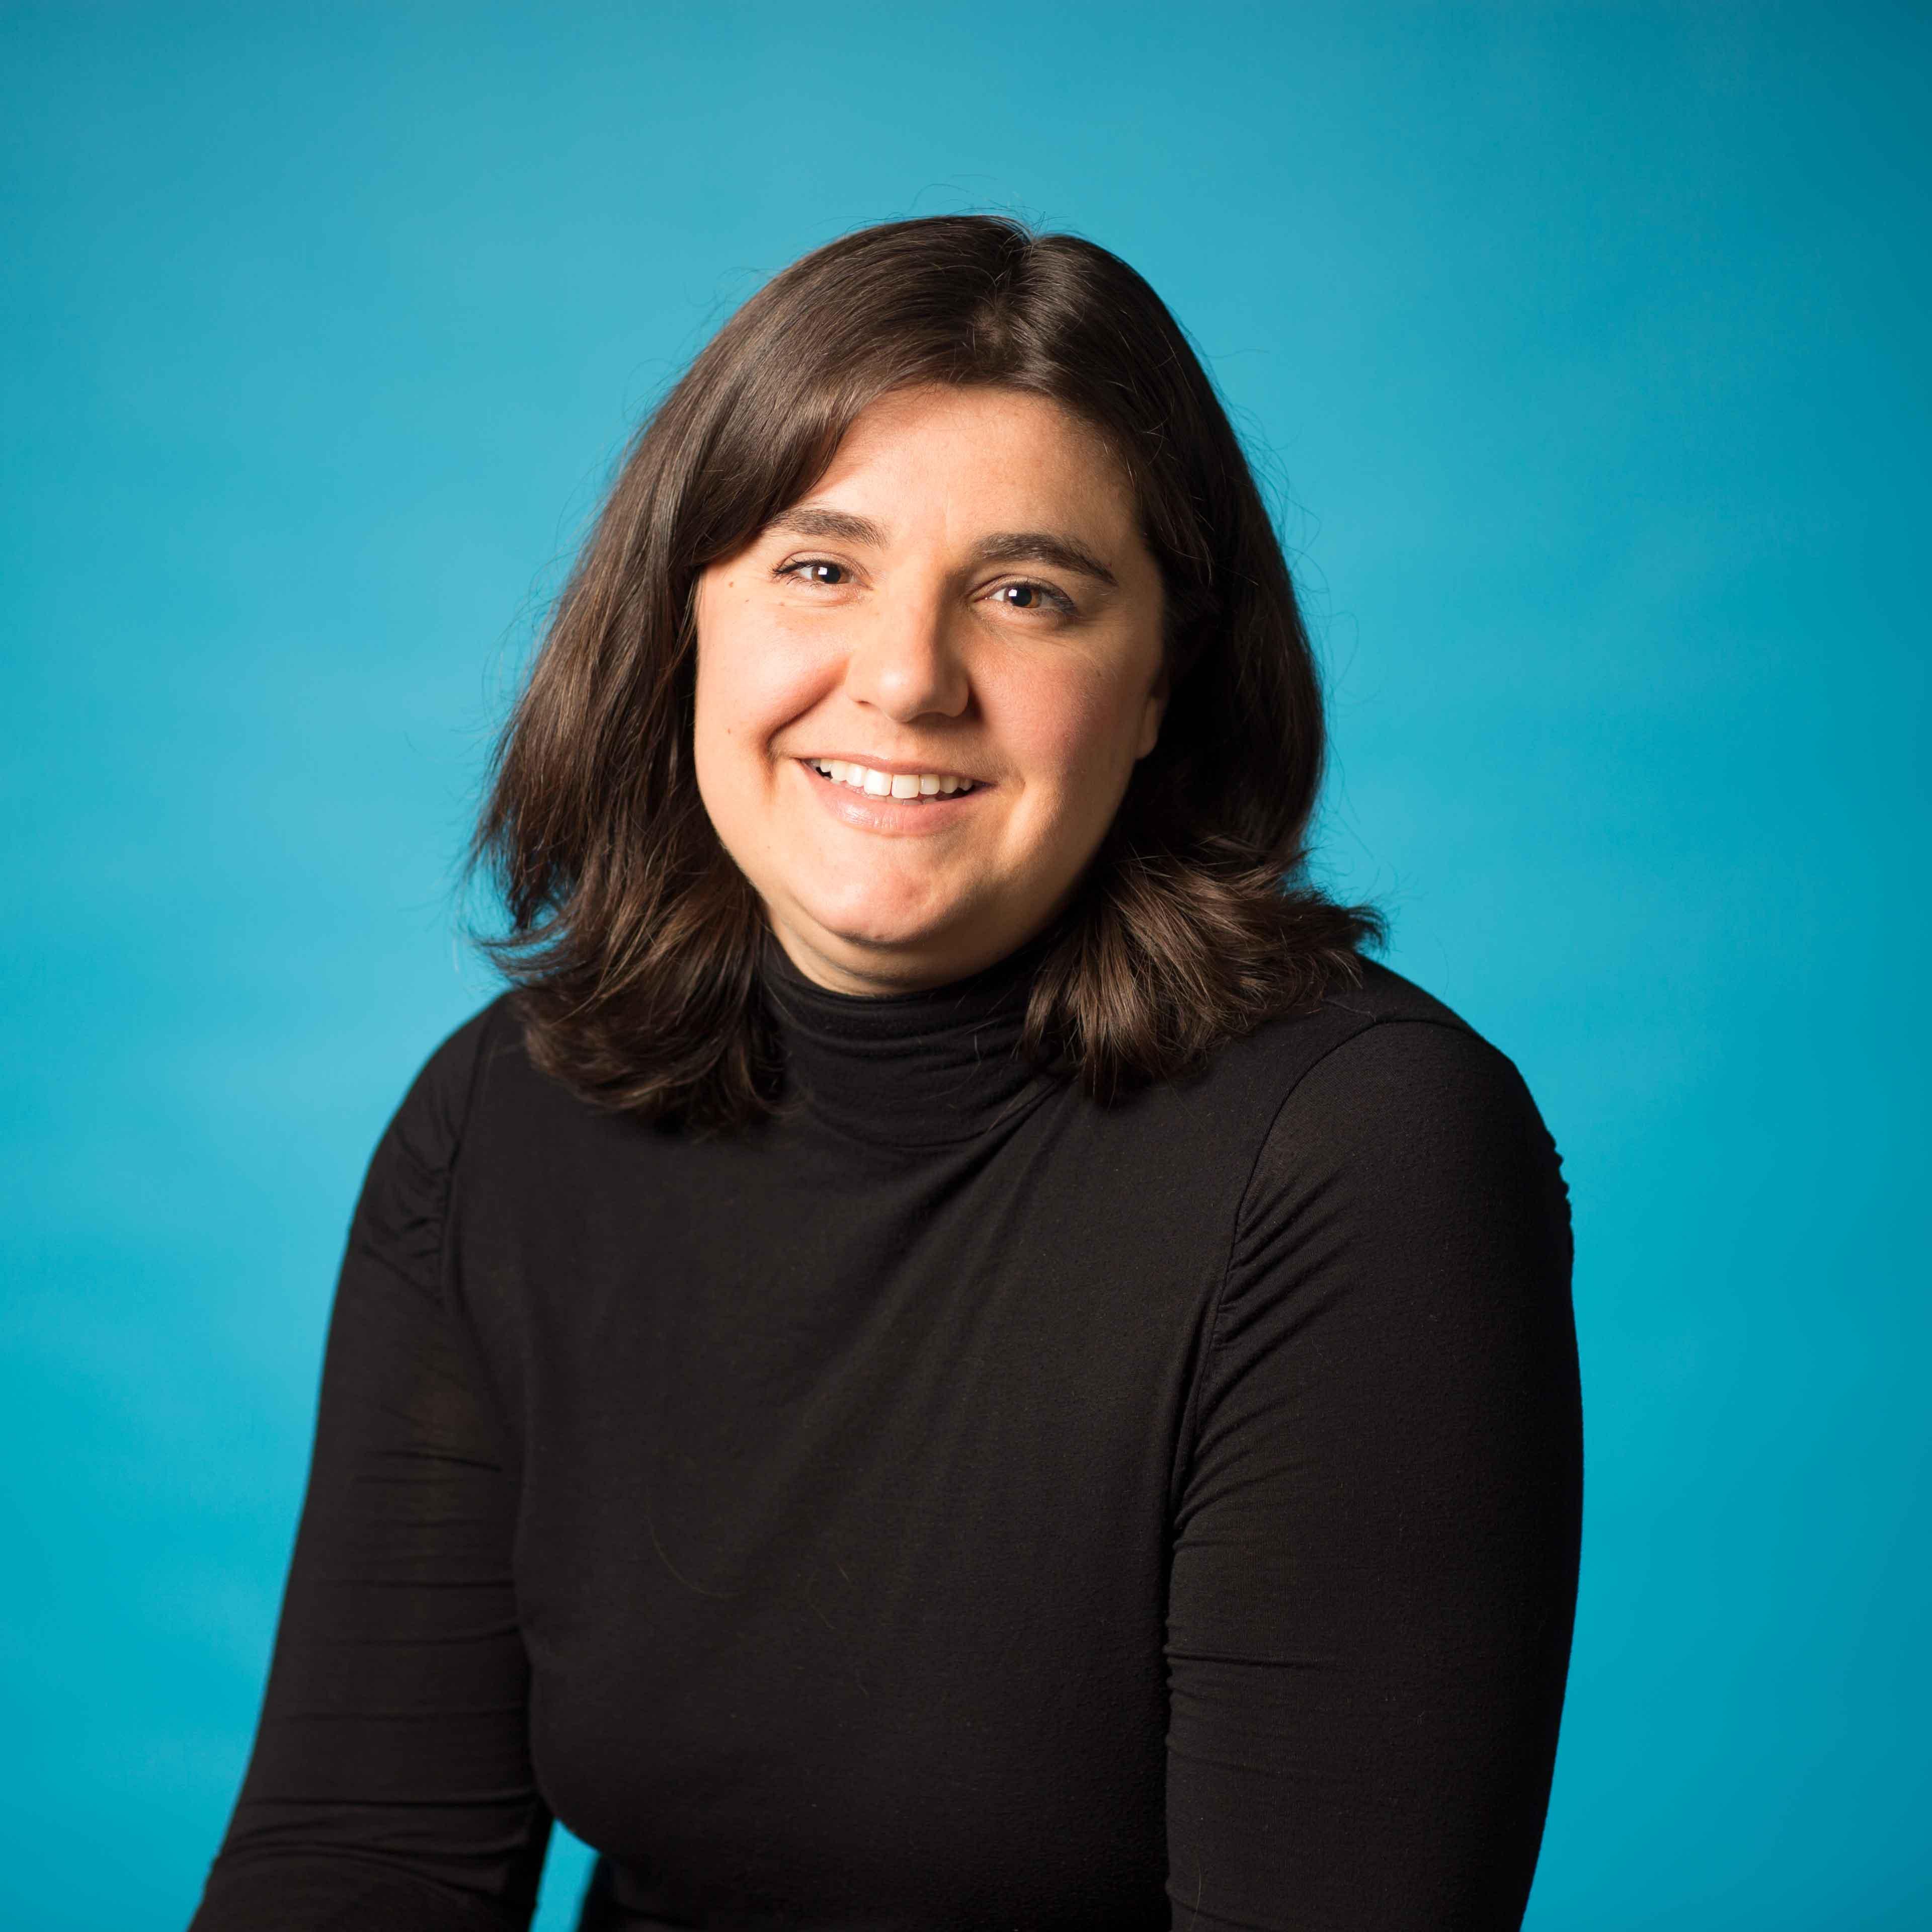 Dr. Addie Licari